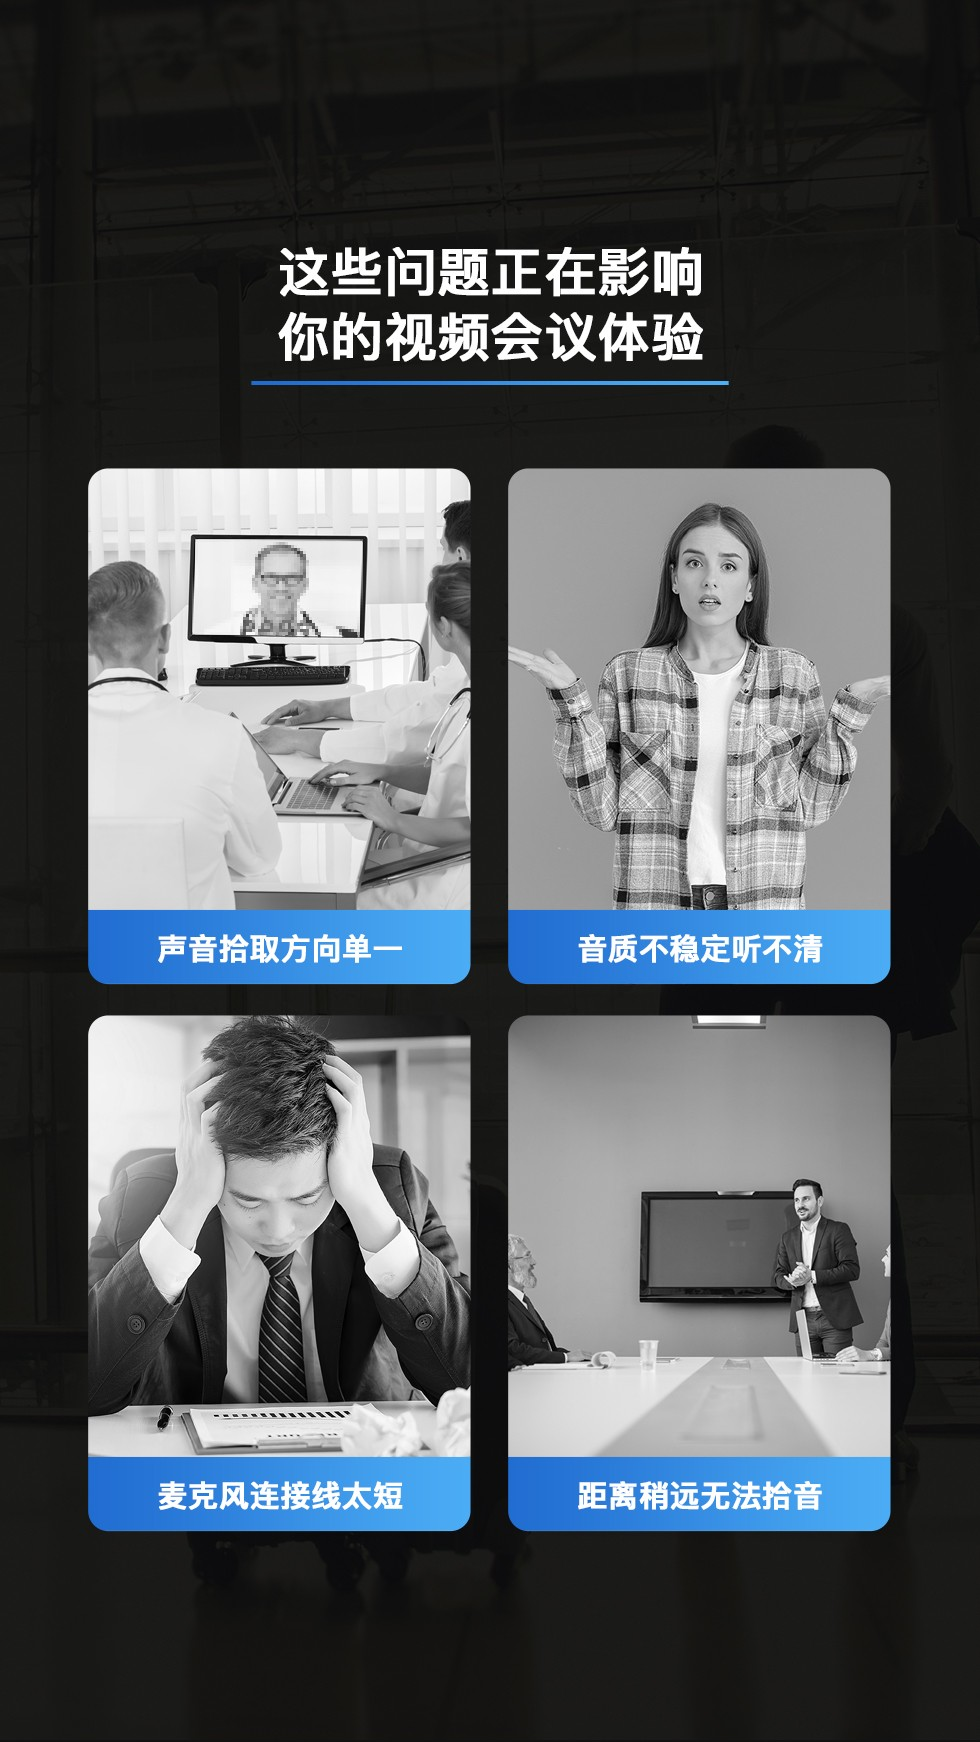 视频会议体验 传统视频会议音频问题